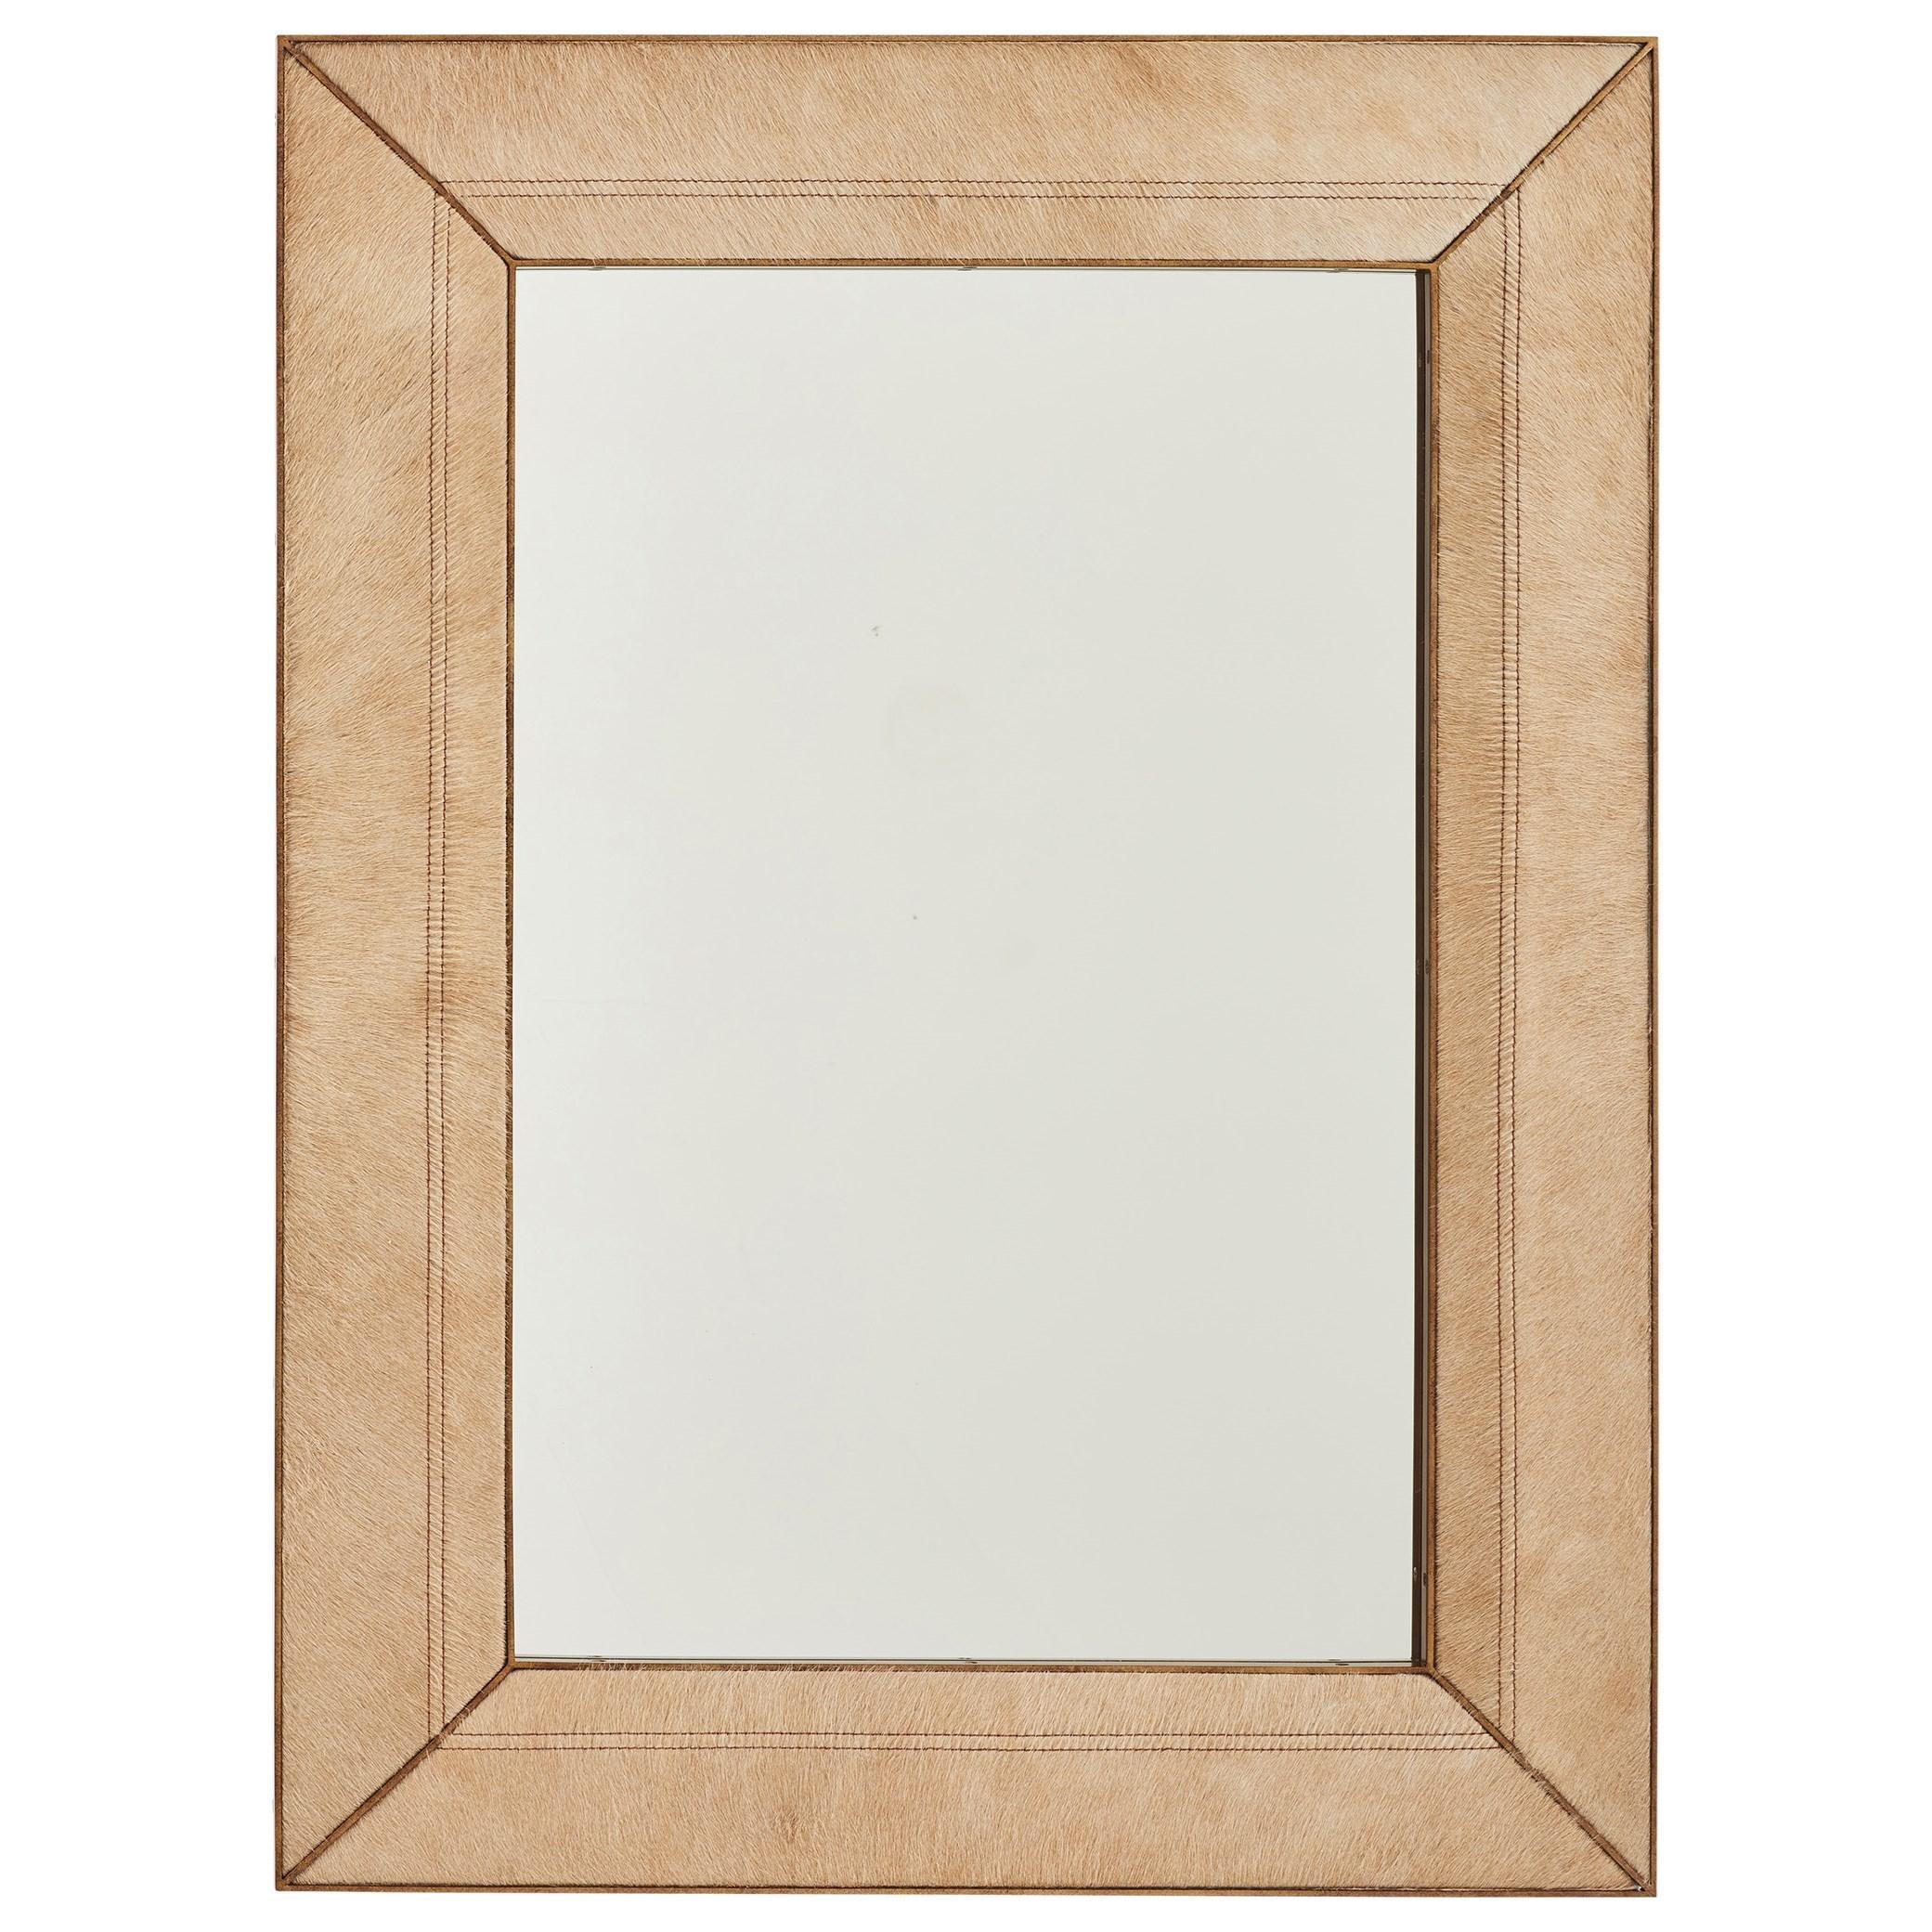 Carmel Asilomar Rectangular Mirror by Barclay Butera at Baer's Furniture